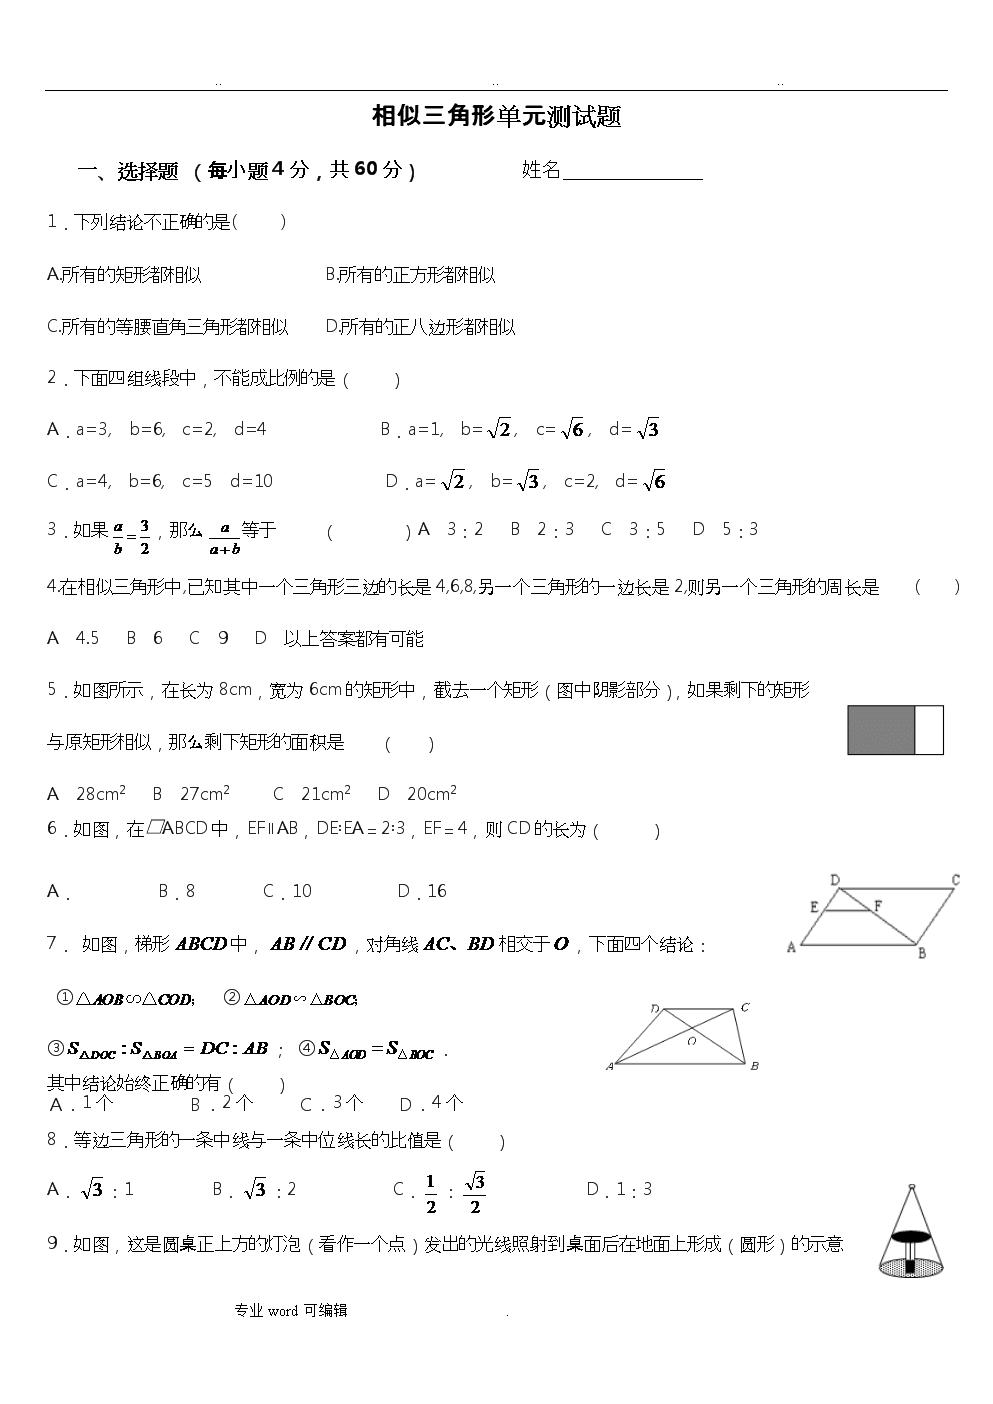 相似三角形单元测试题(难度中等).doc